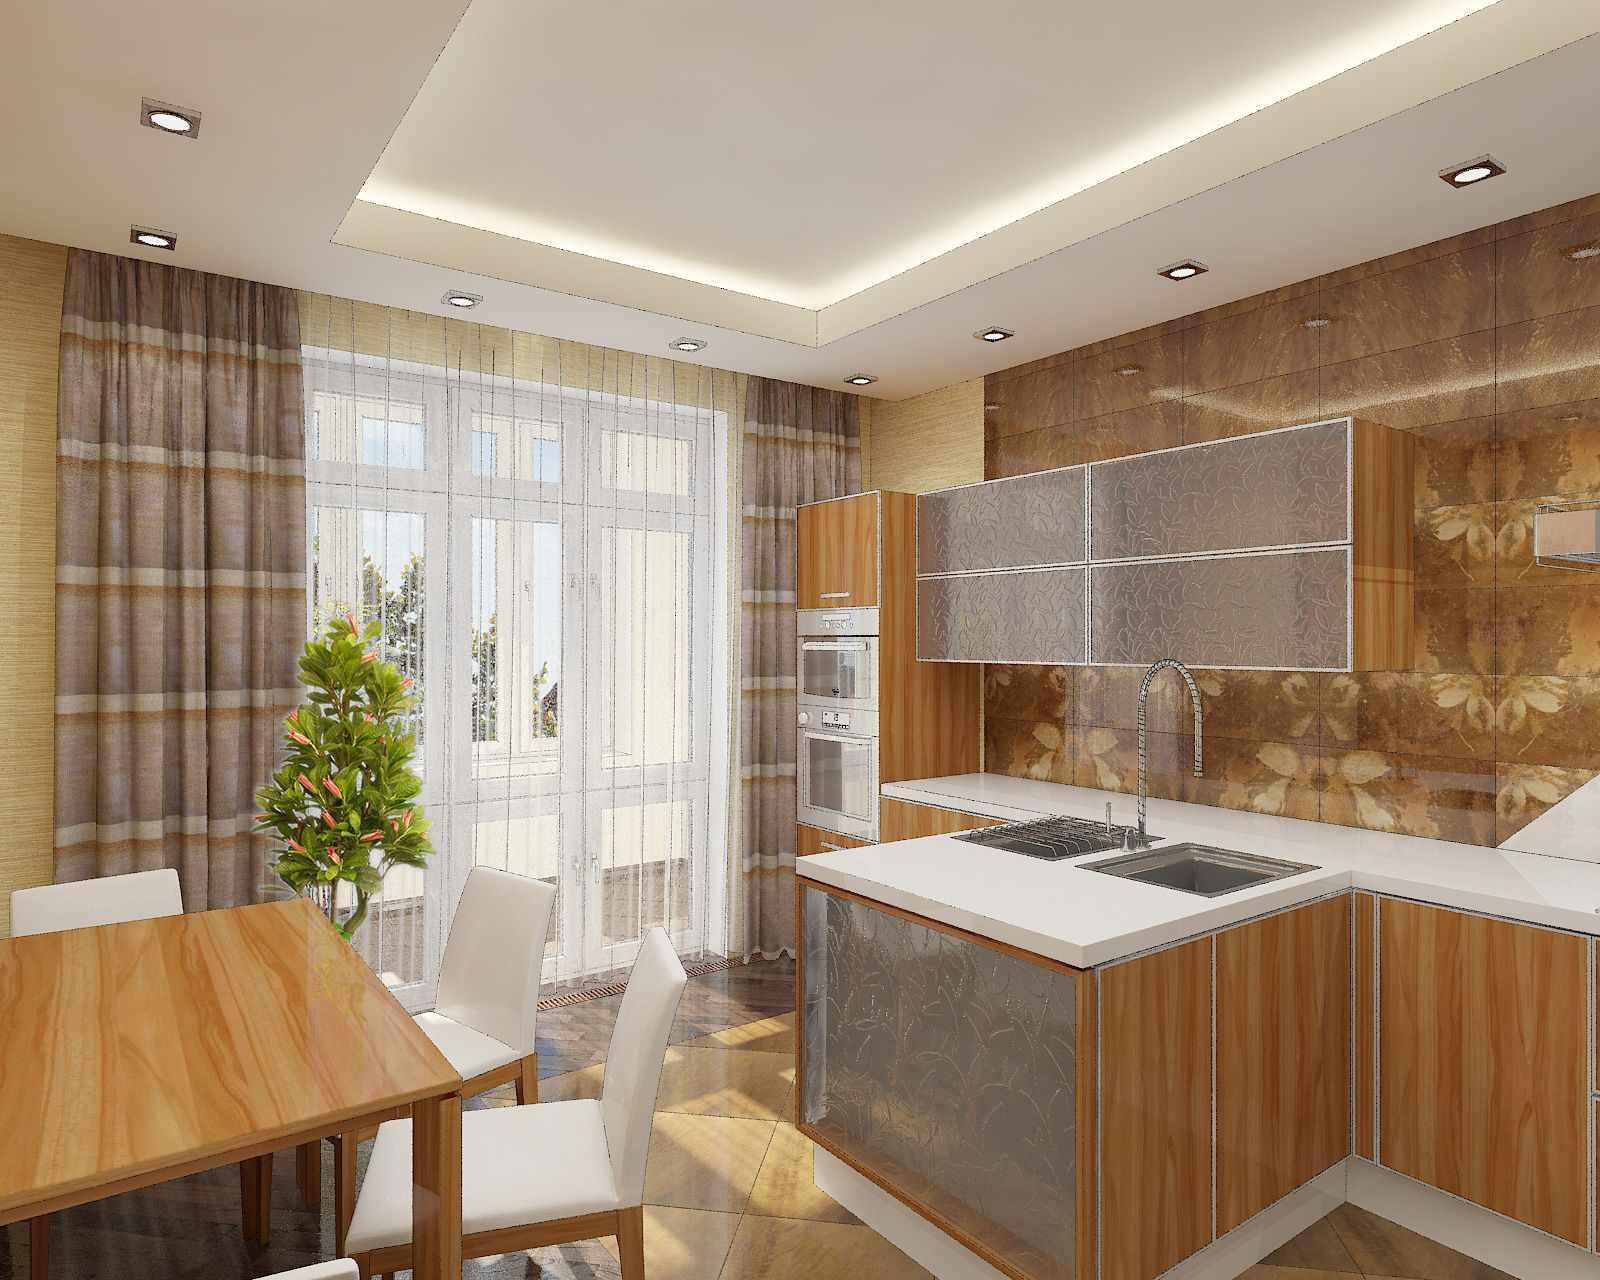 un exemple d'une conception inhabituelle d'un plafond de cuisine